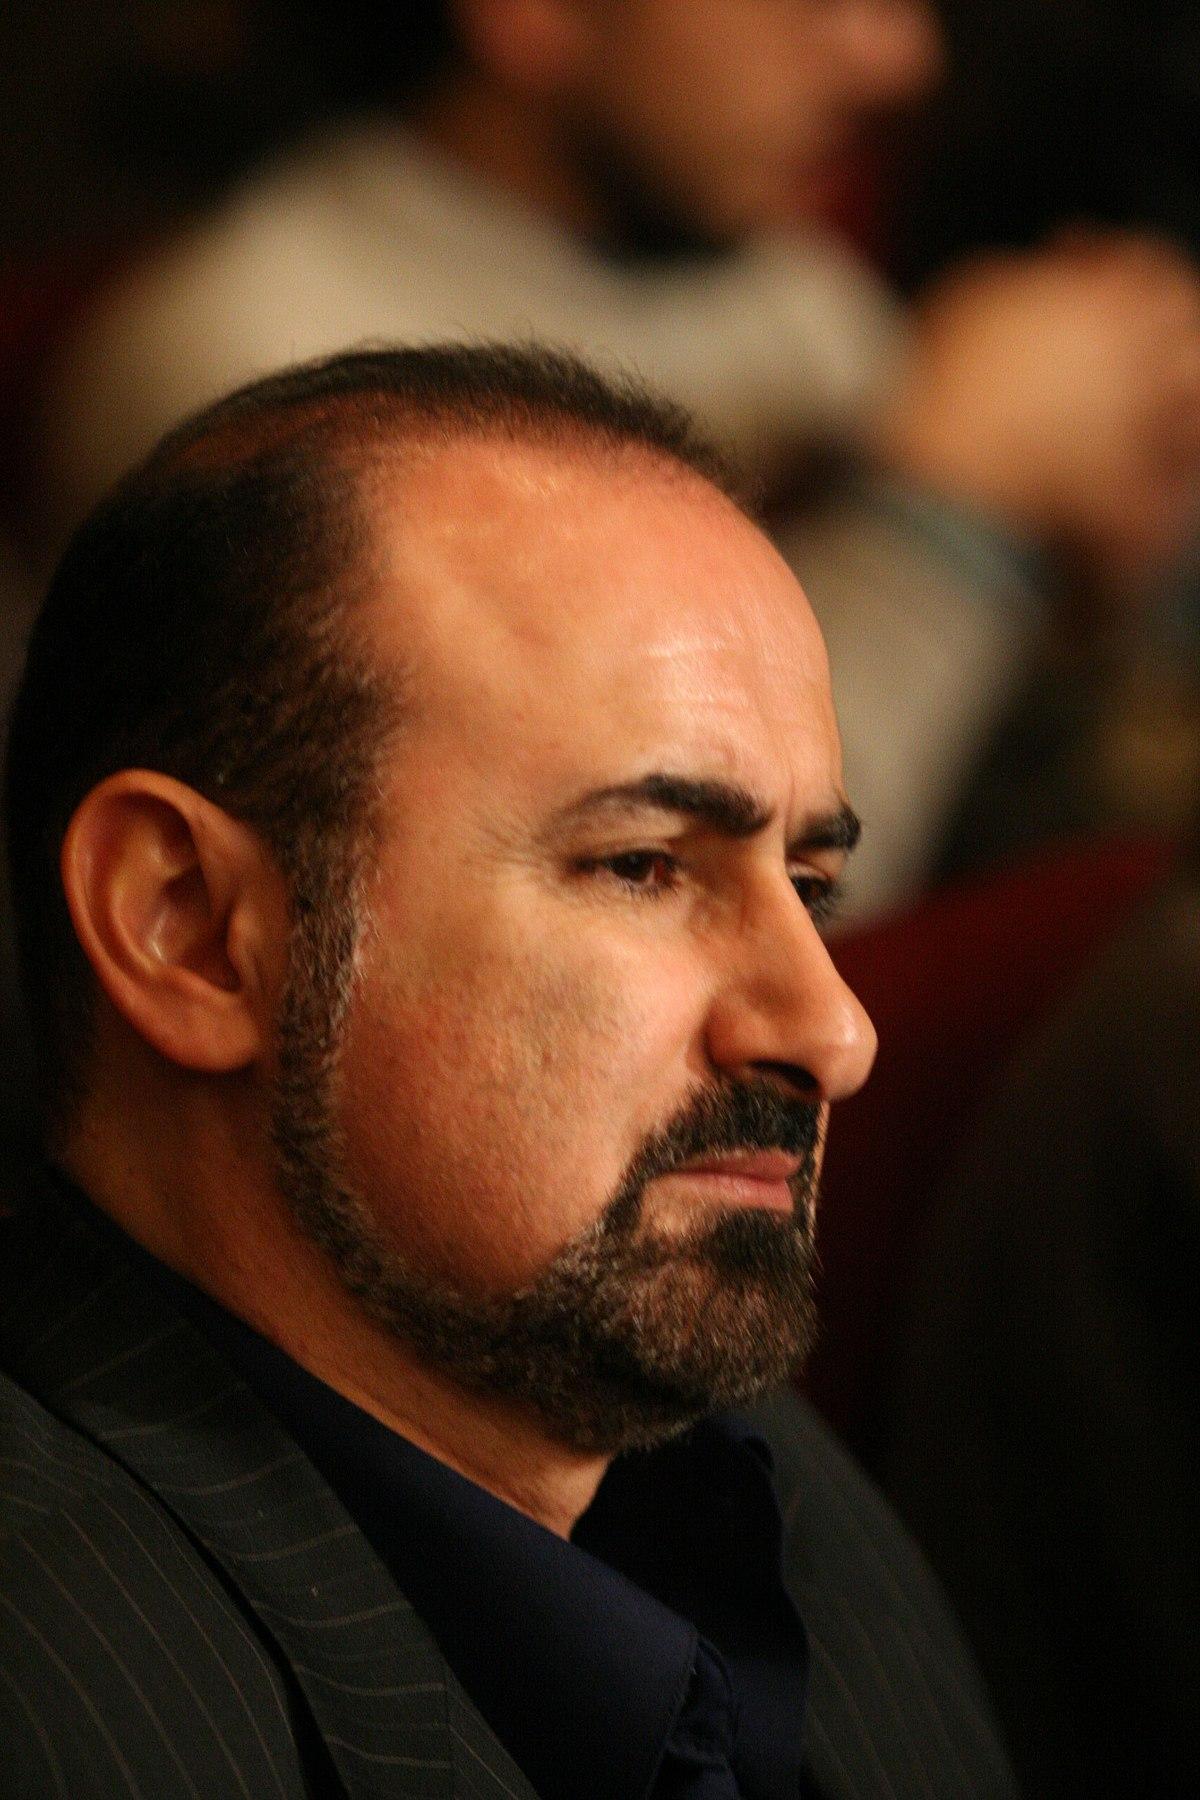 خواننده عبدالحسین مختاباد - ویکیپدیا، دانشنامهٔ آزاد